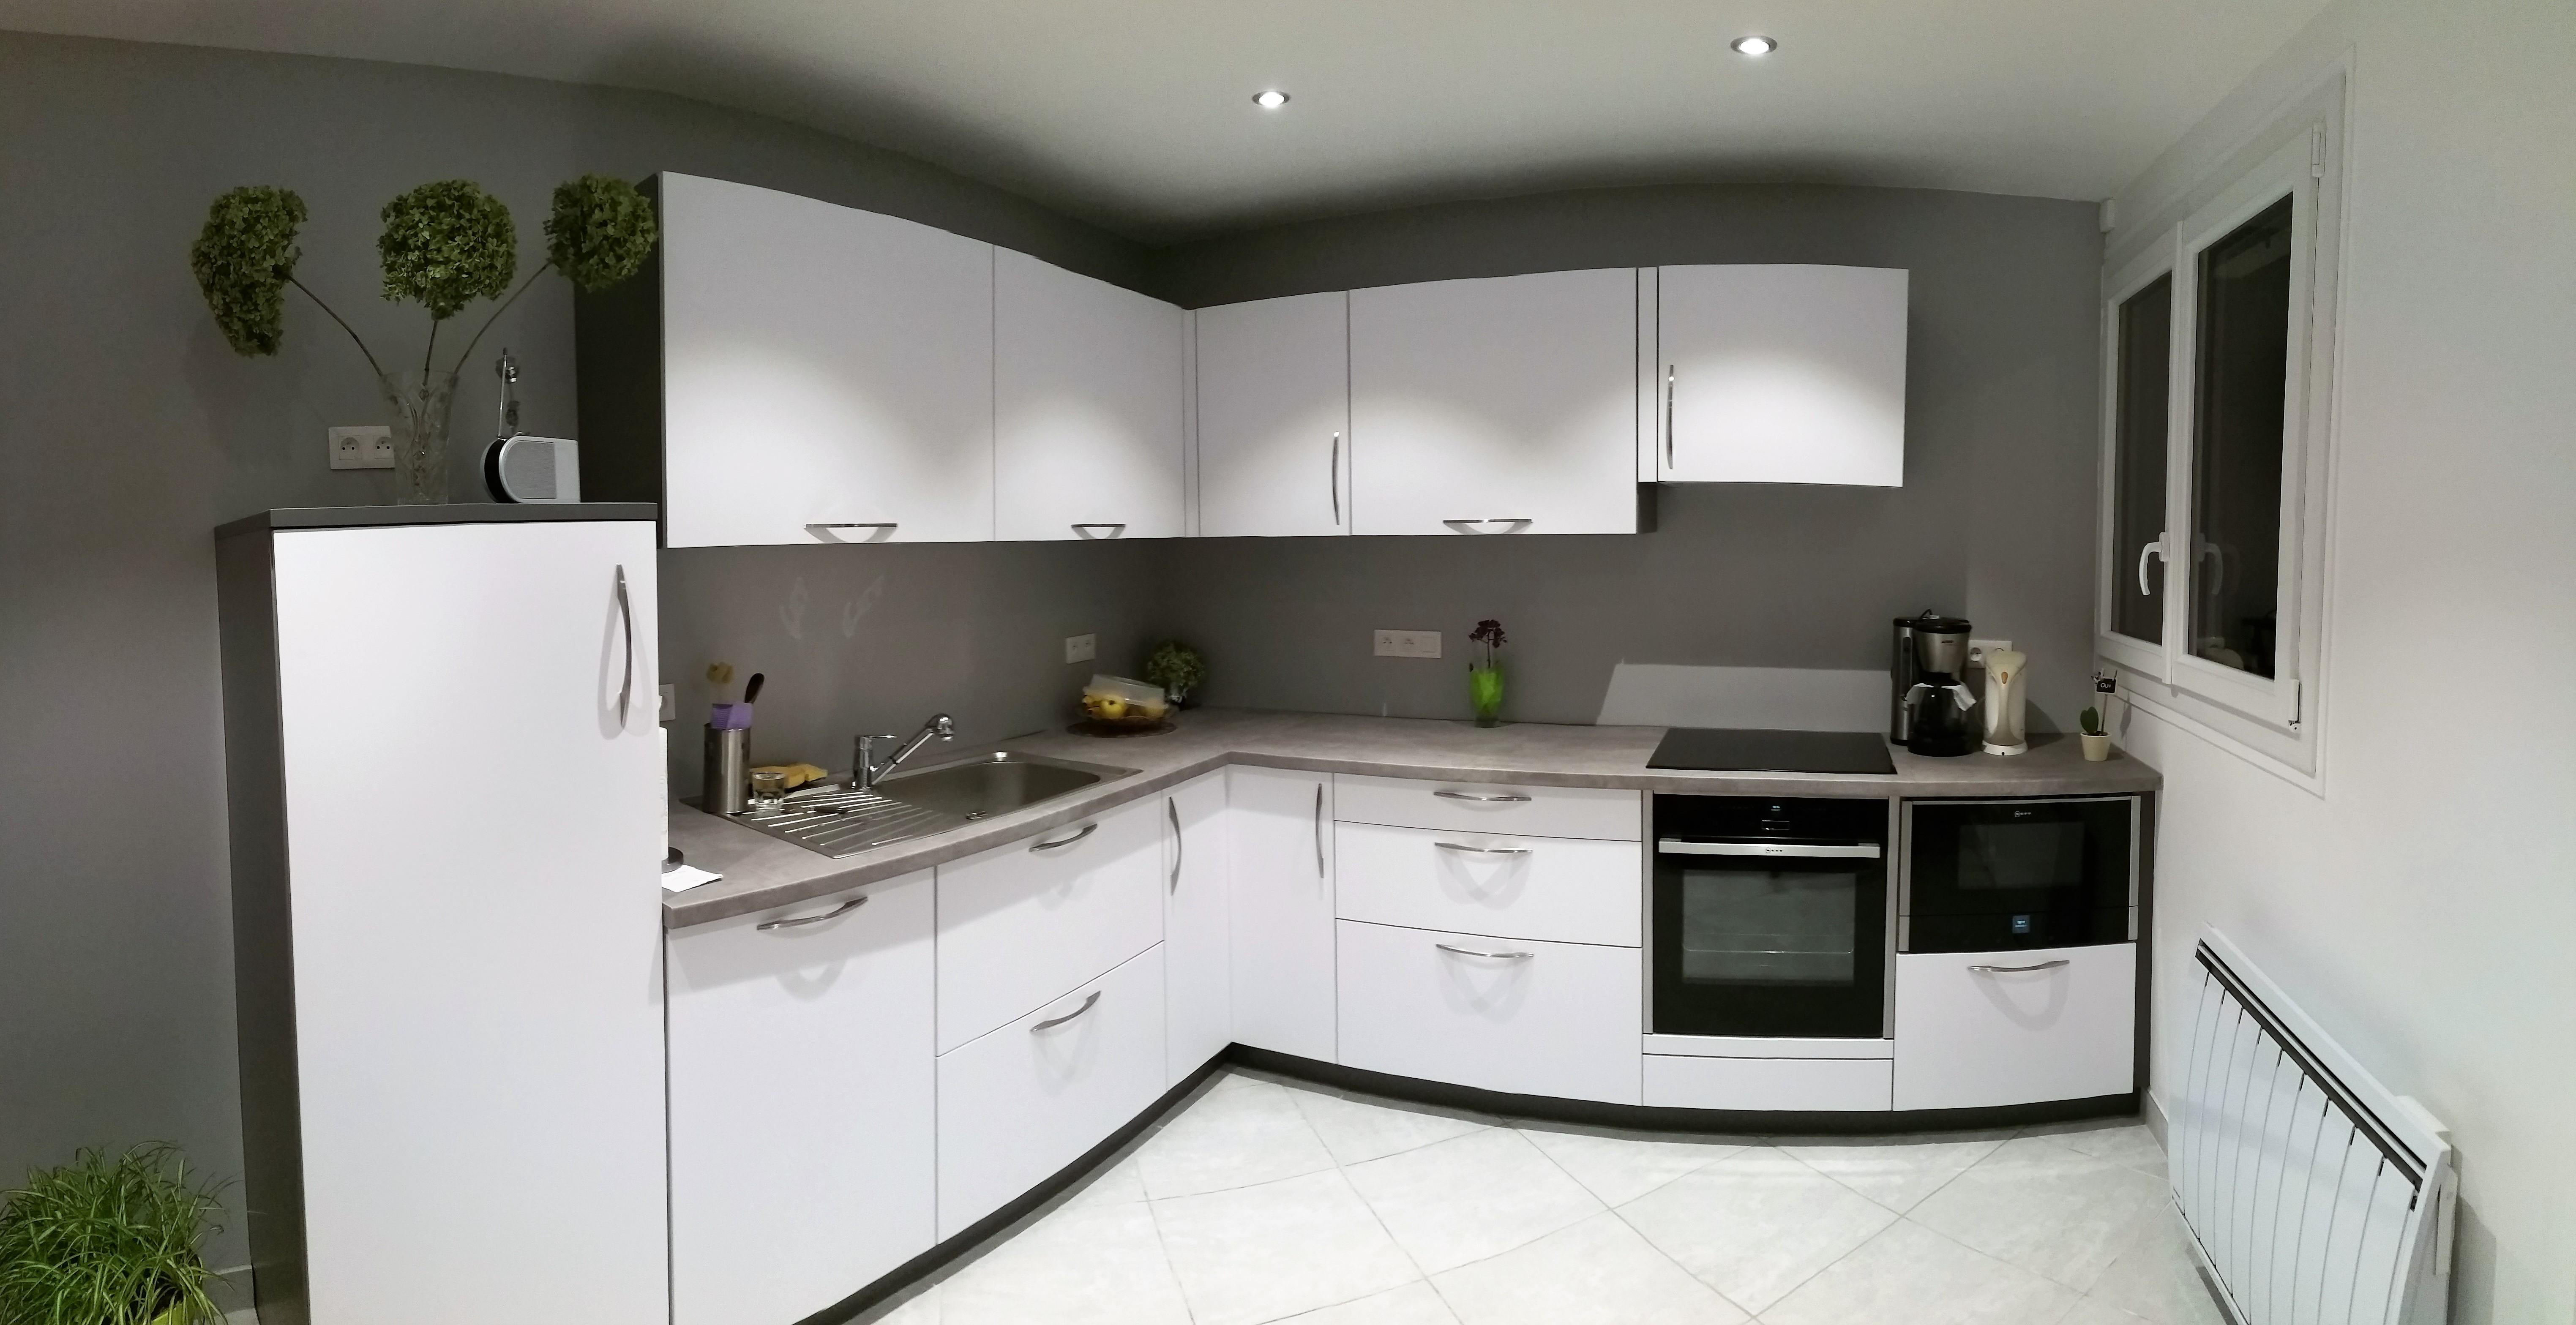 Travaux De Renovation D Interieur Chambery Habitat Concept 73